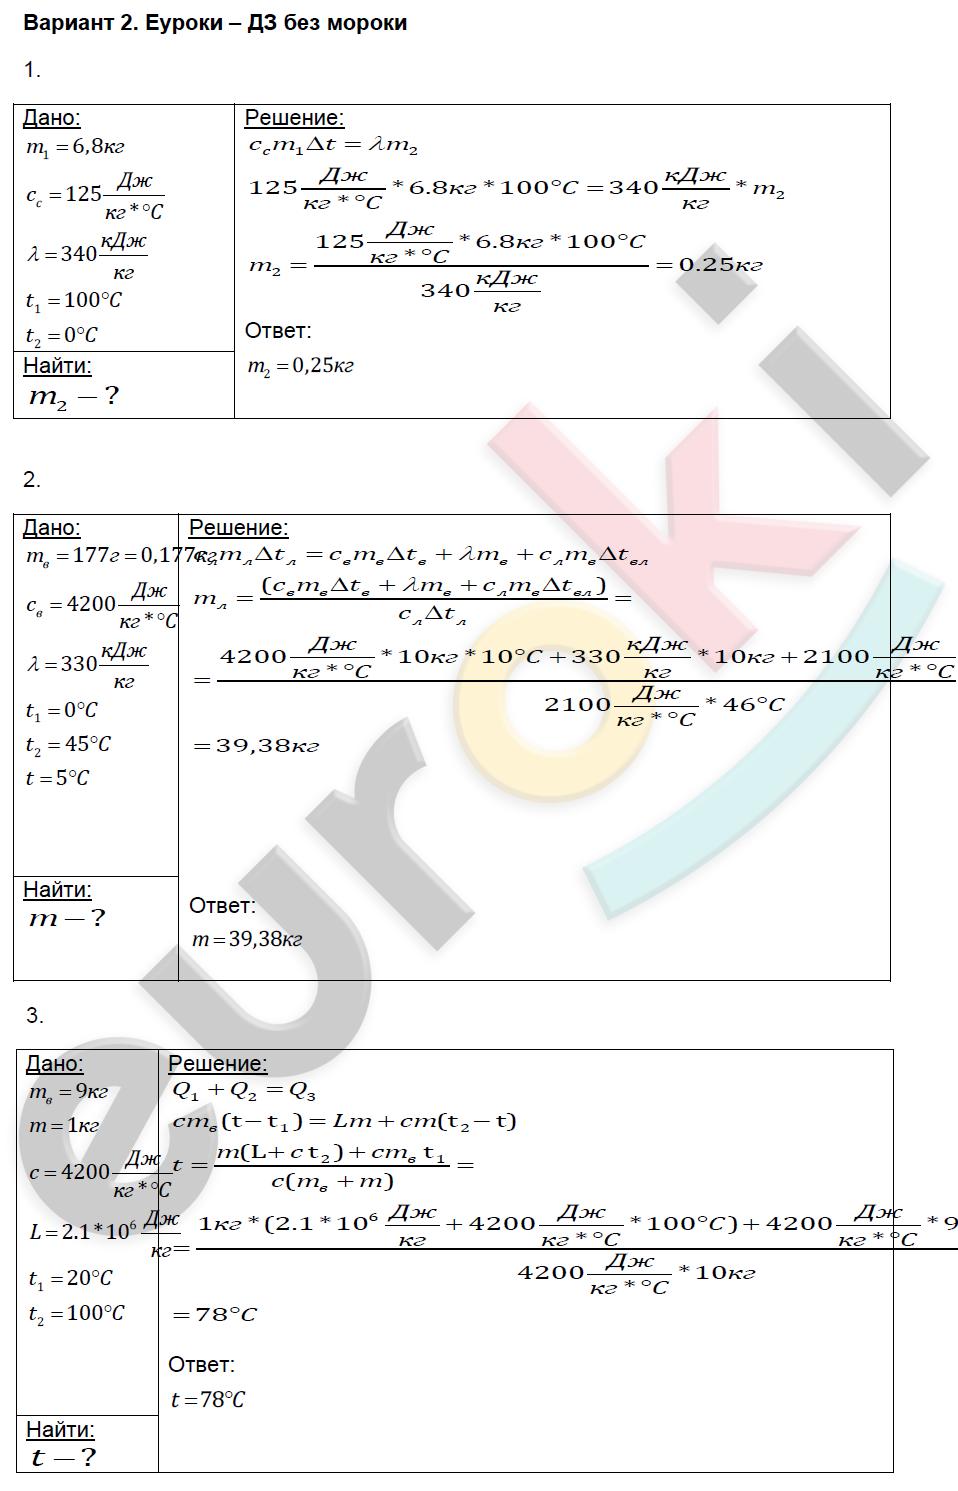 ГДЗ по физике 8 класс контрольные и самостоятельные работы Громцева Самостоятельные работы, СР-19. Теплообмен. Задание: Вариант 2